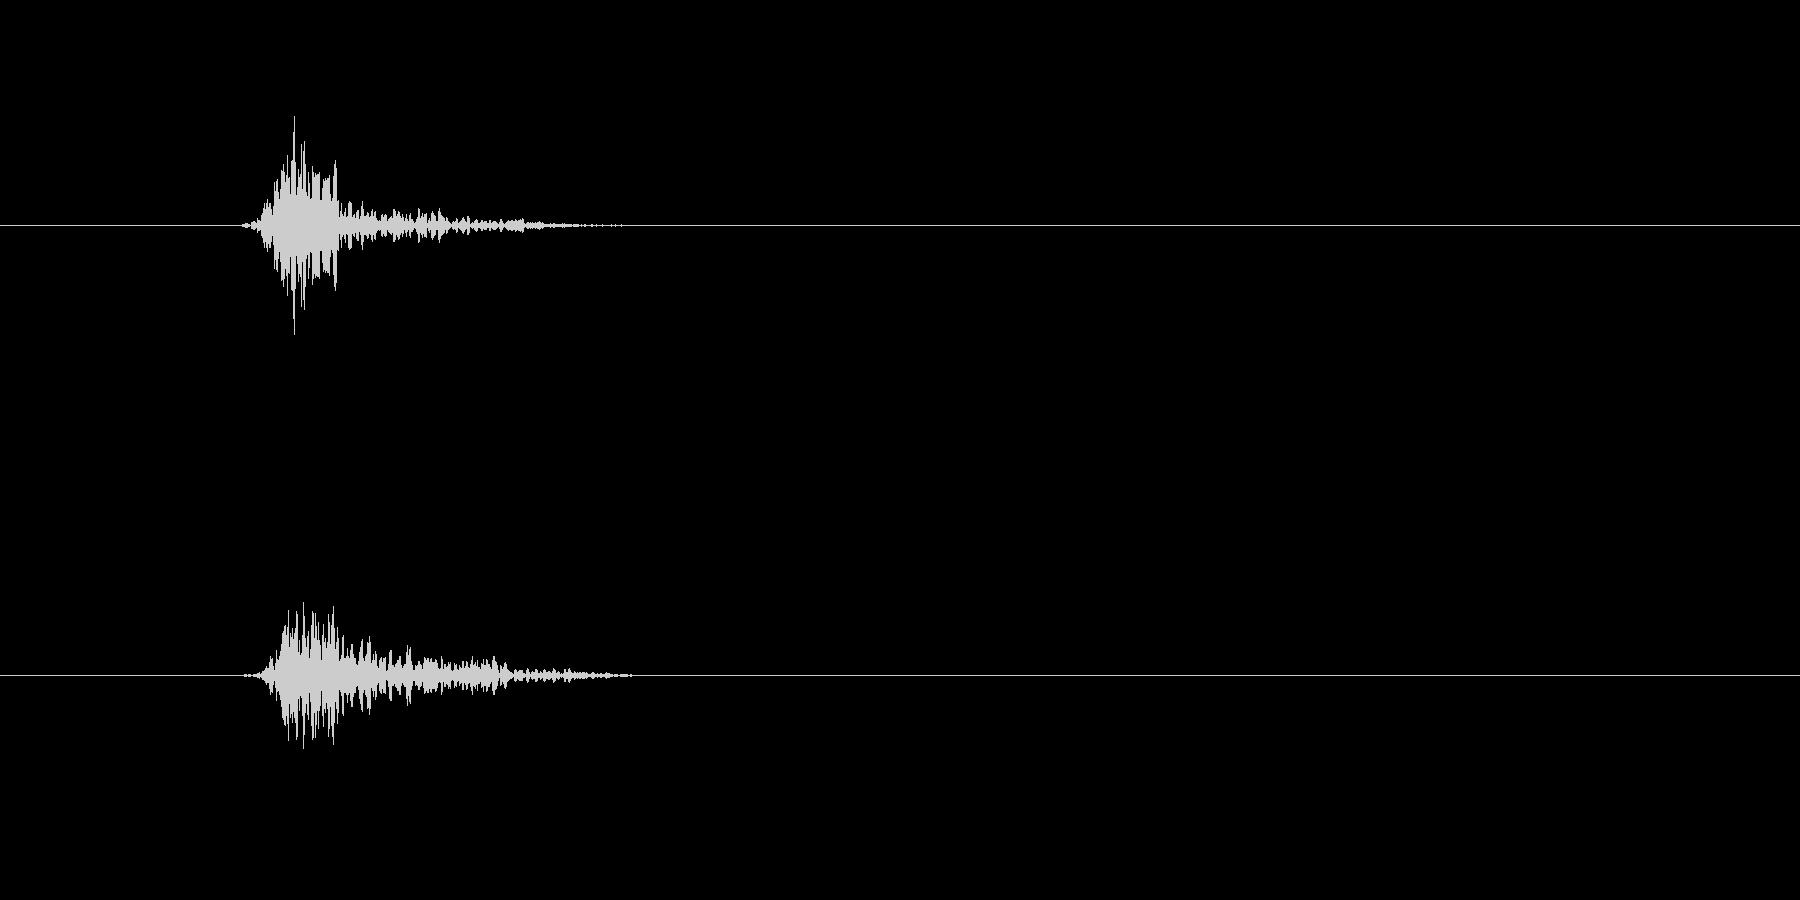 ヒュッ 剣を振り回す音 素振りの音 空…の未再生の波形